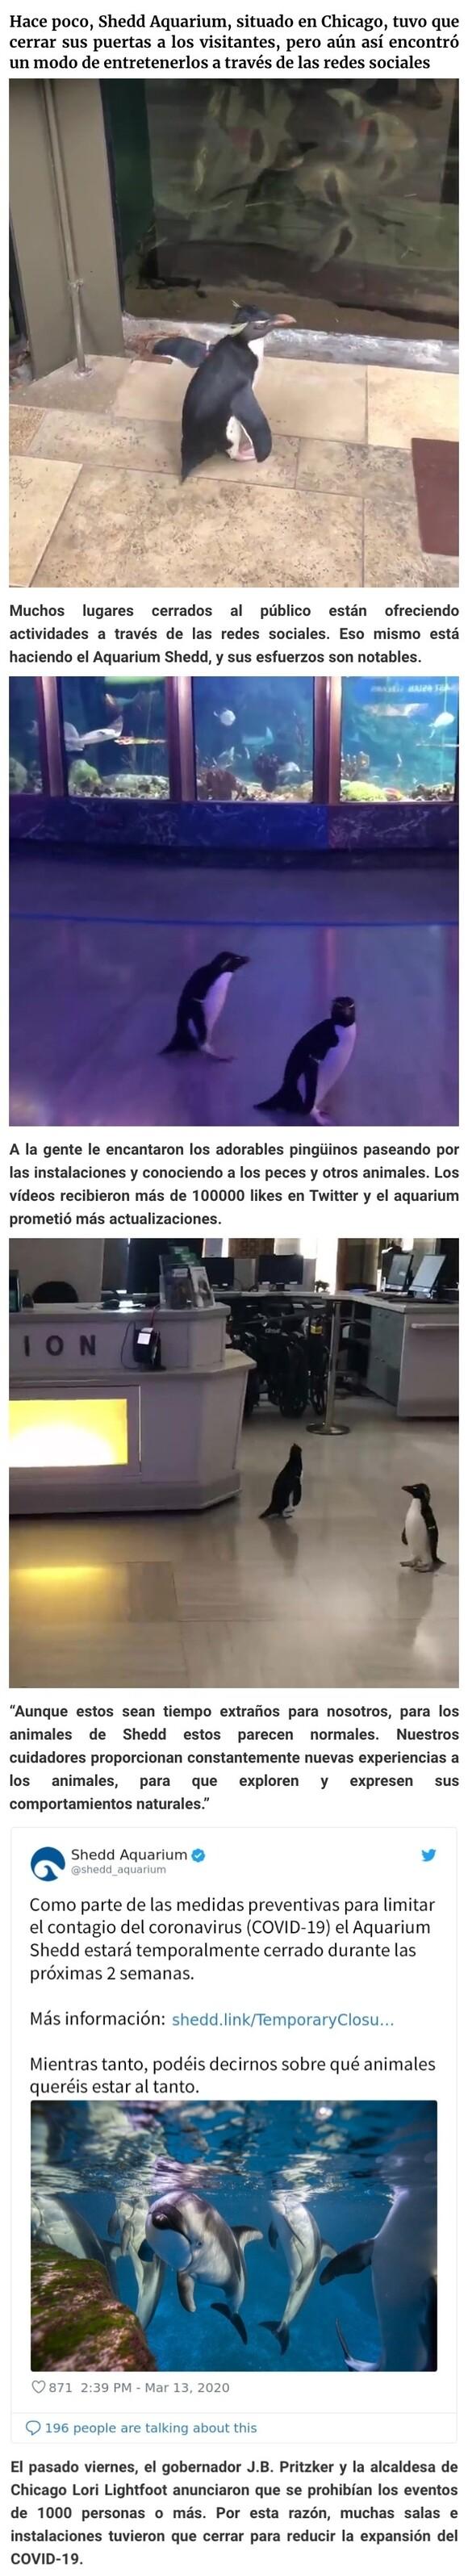 6244 - Tras cerrar sus puertas, este acuario saca a sus pingüinos de paseo por las instalaciones